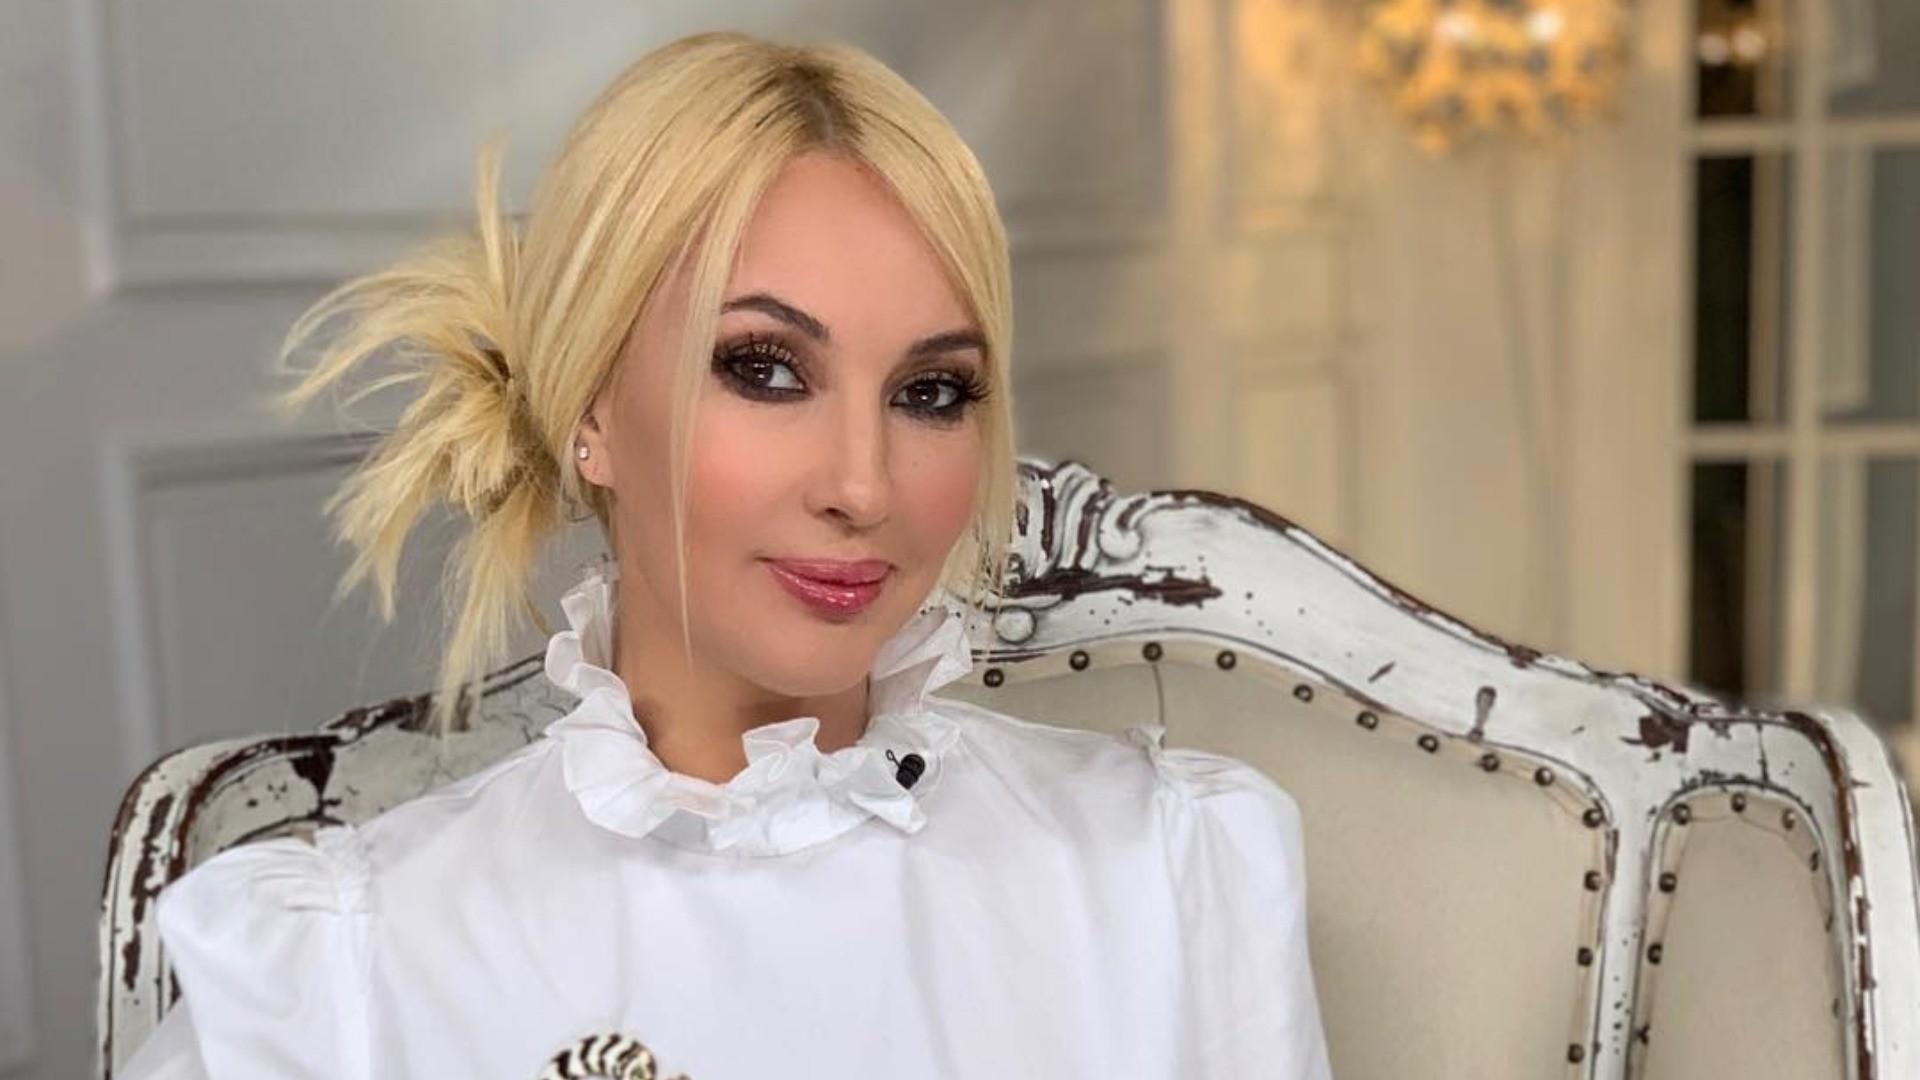 Лера Кудрявцева раскритиковала собственное селфи